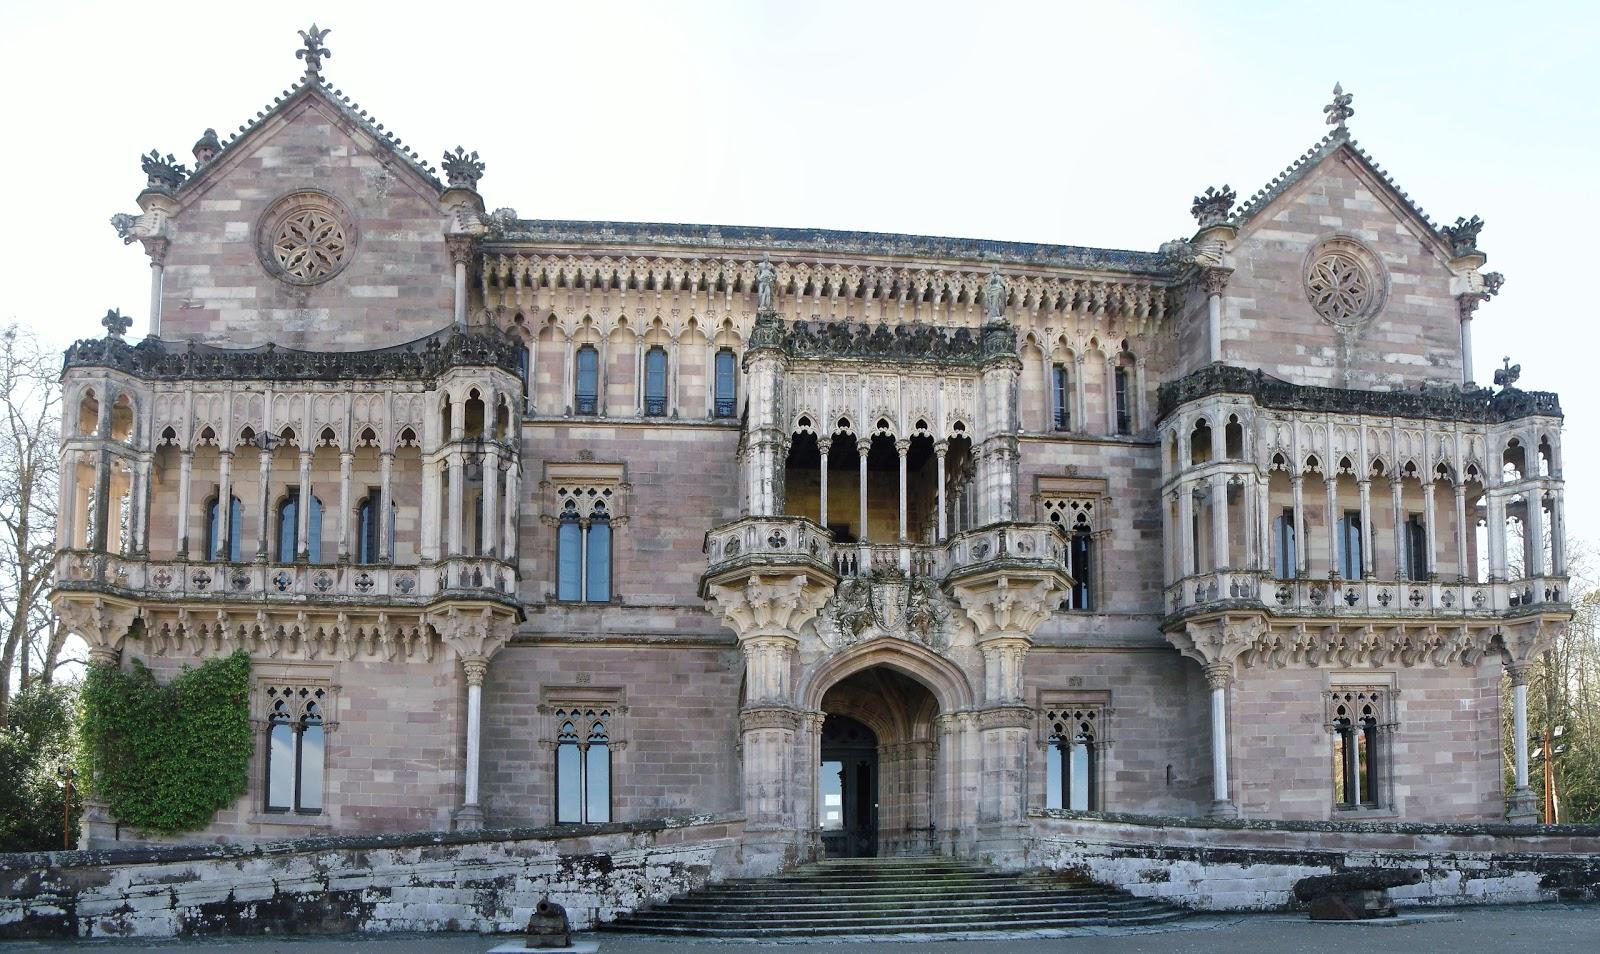 La Residençia Palacio+de+Sobrellano+en+Comillas+2